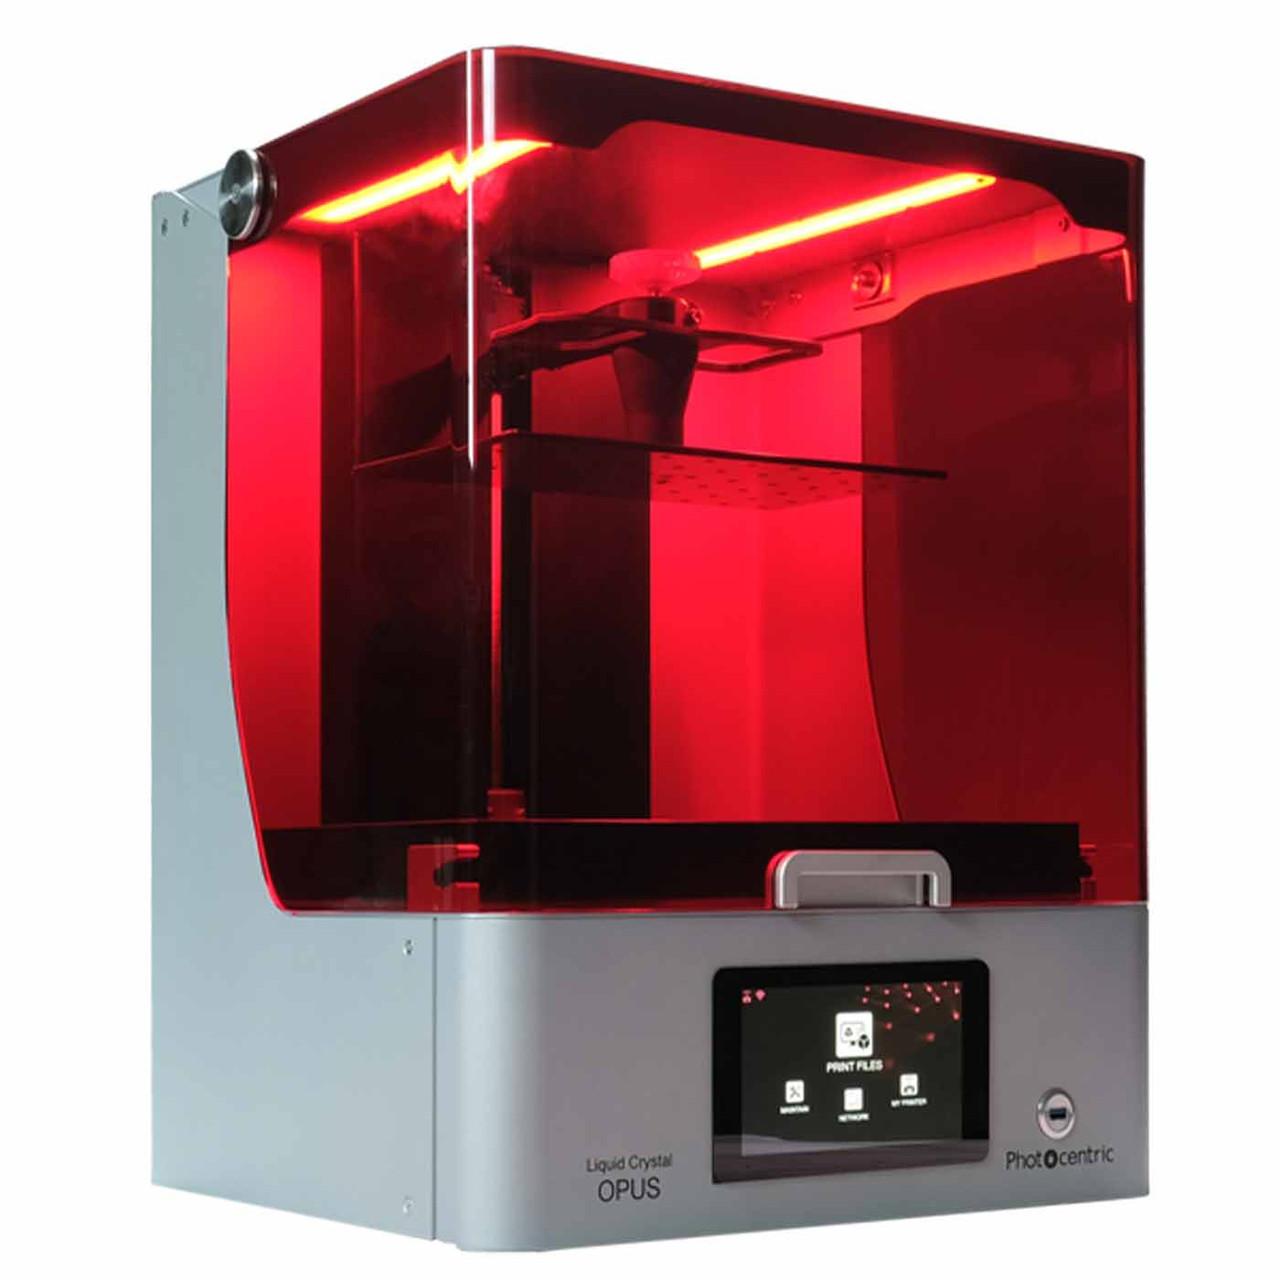 LC Opus resin LCD 3d printer